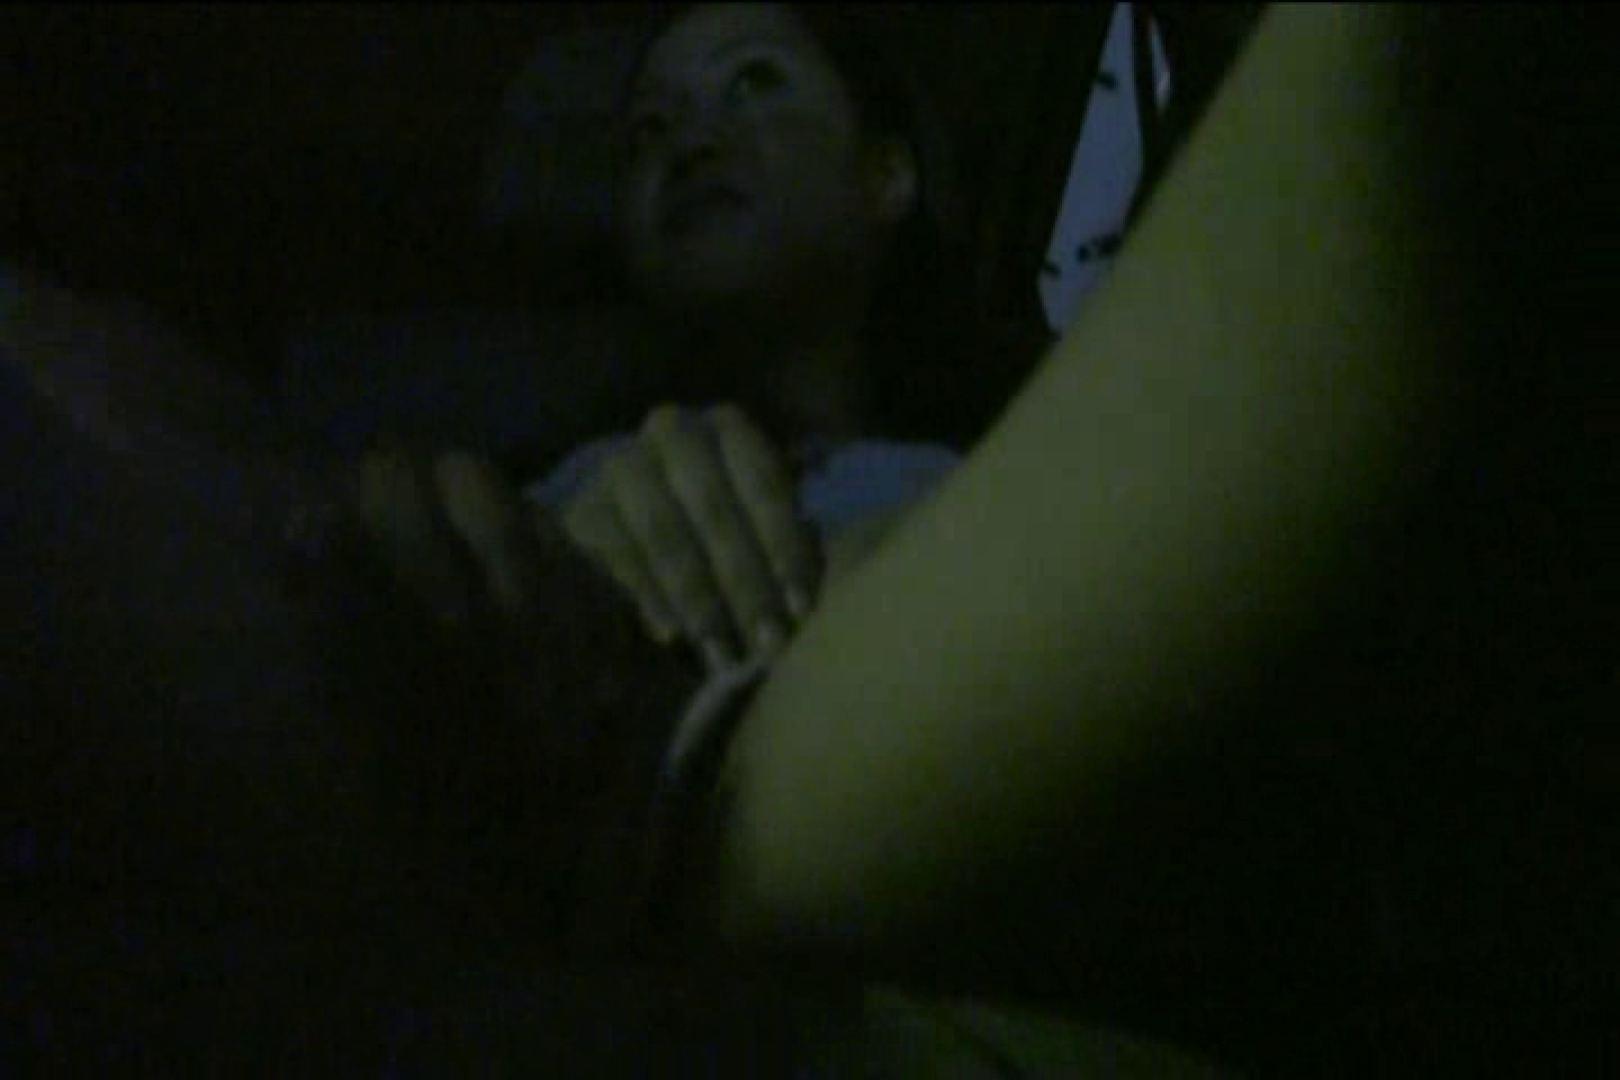 車内で初めまして! vol01 車 盗撮動画紹介 105連発 103